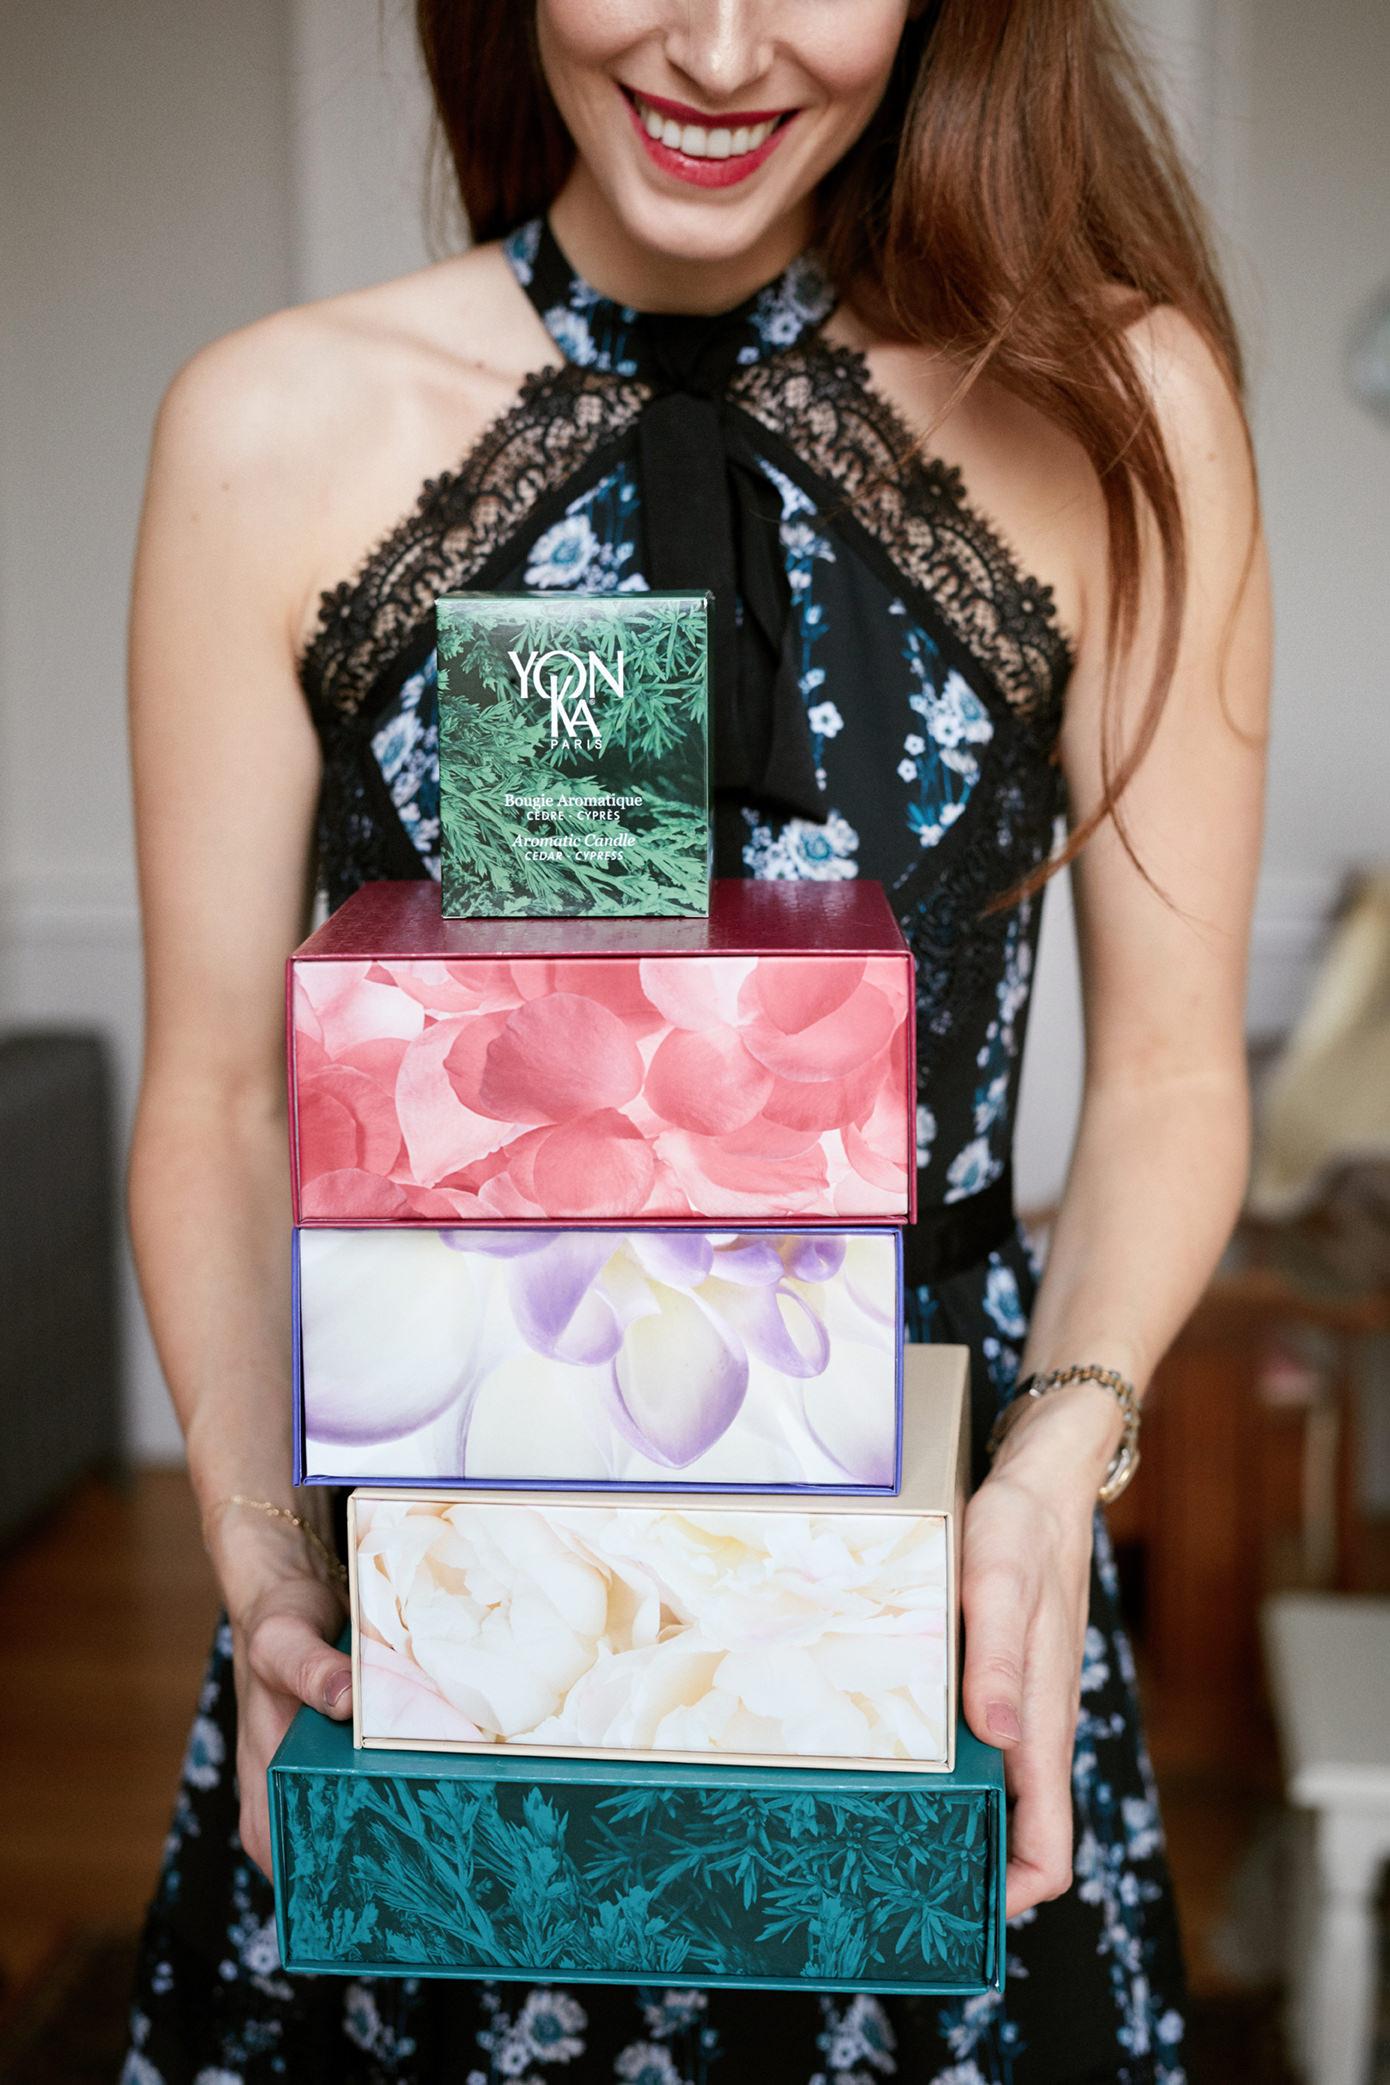 Yonka Christmas Gift Holly White Christmas gift sets